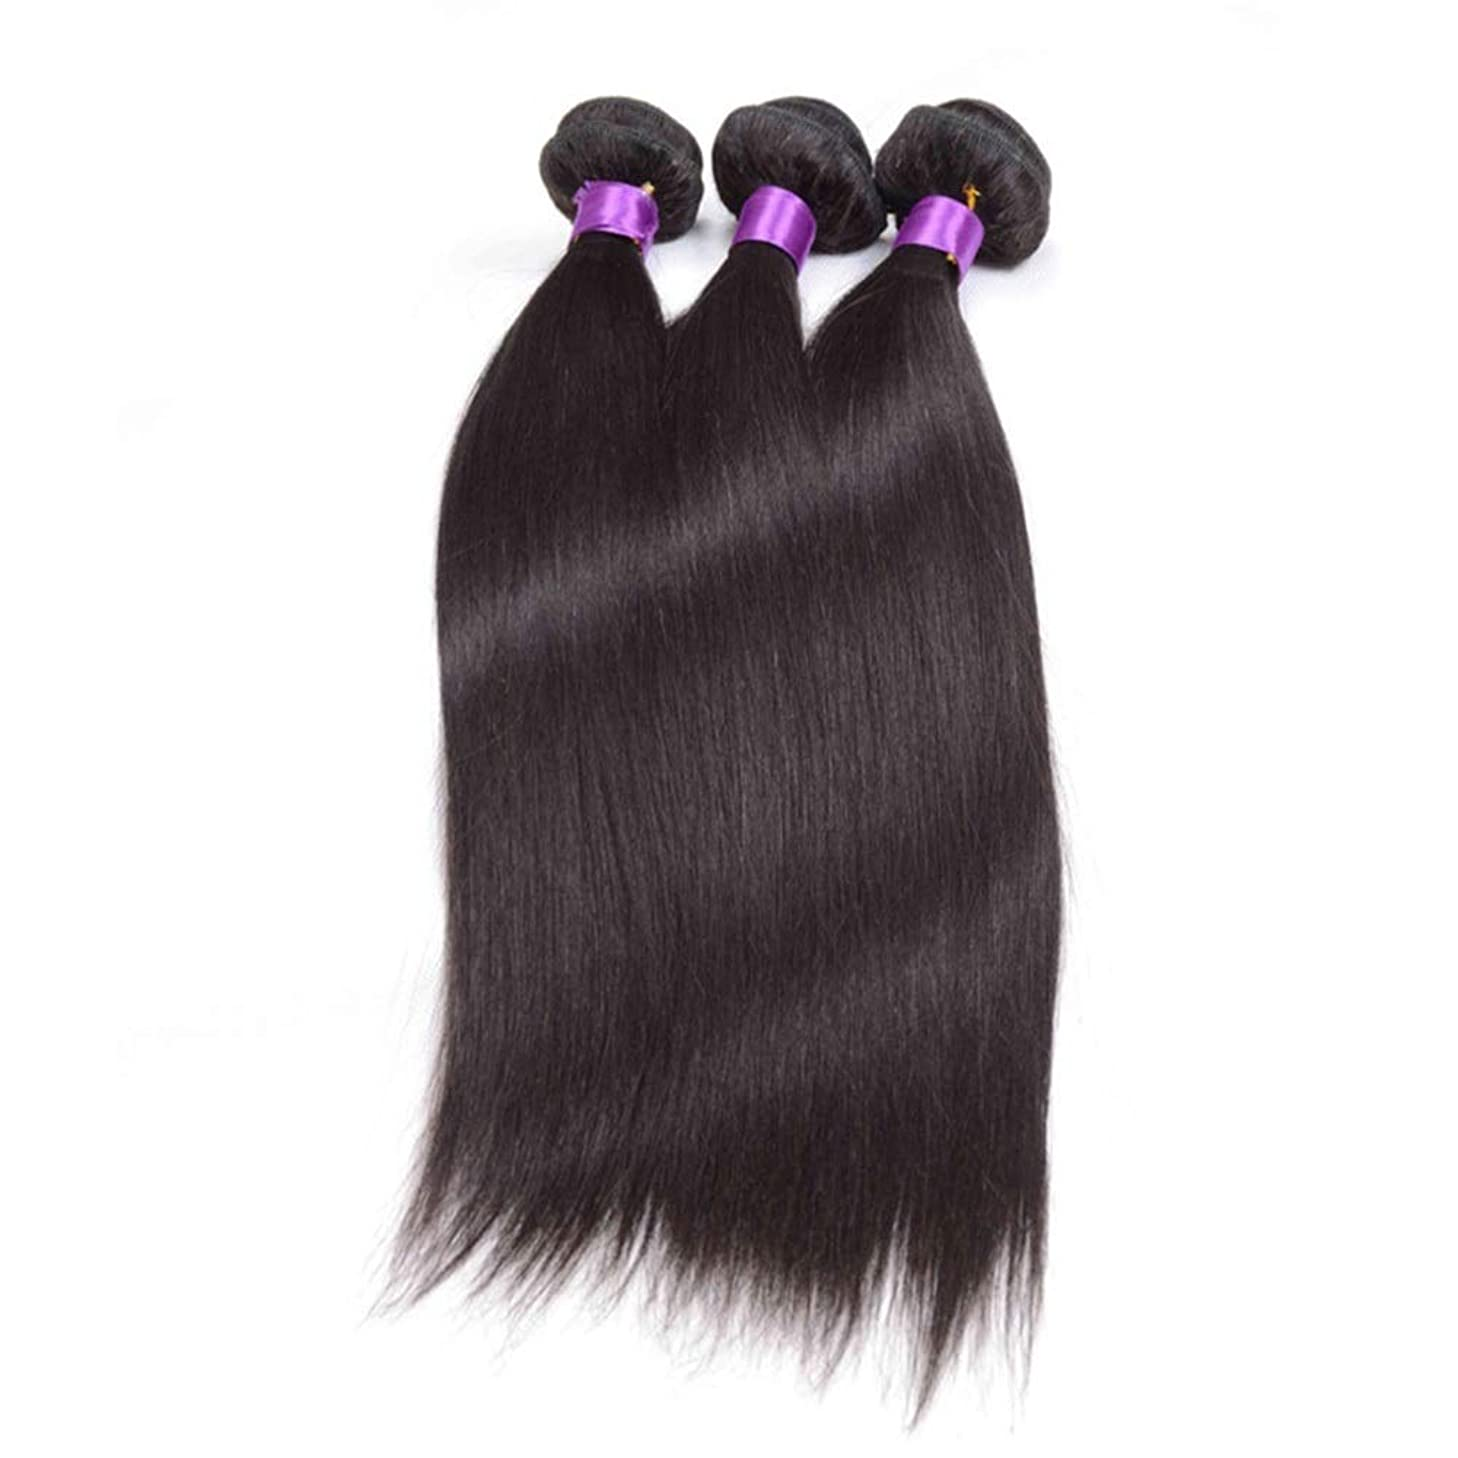 散歩逆骨HOHYLLYA ブラジルのストレート人間の髪の毛の束シルキーストレート100%人毛の織り方エクステンションナチュラルブラック複合ヘアレースかつらロールプレイングかつら (色 : 黒, サイズ : 20 inch)